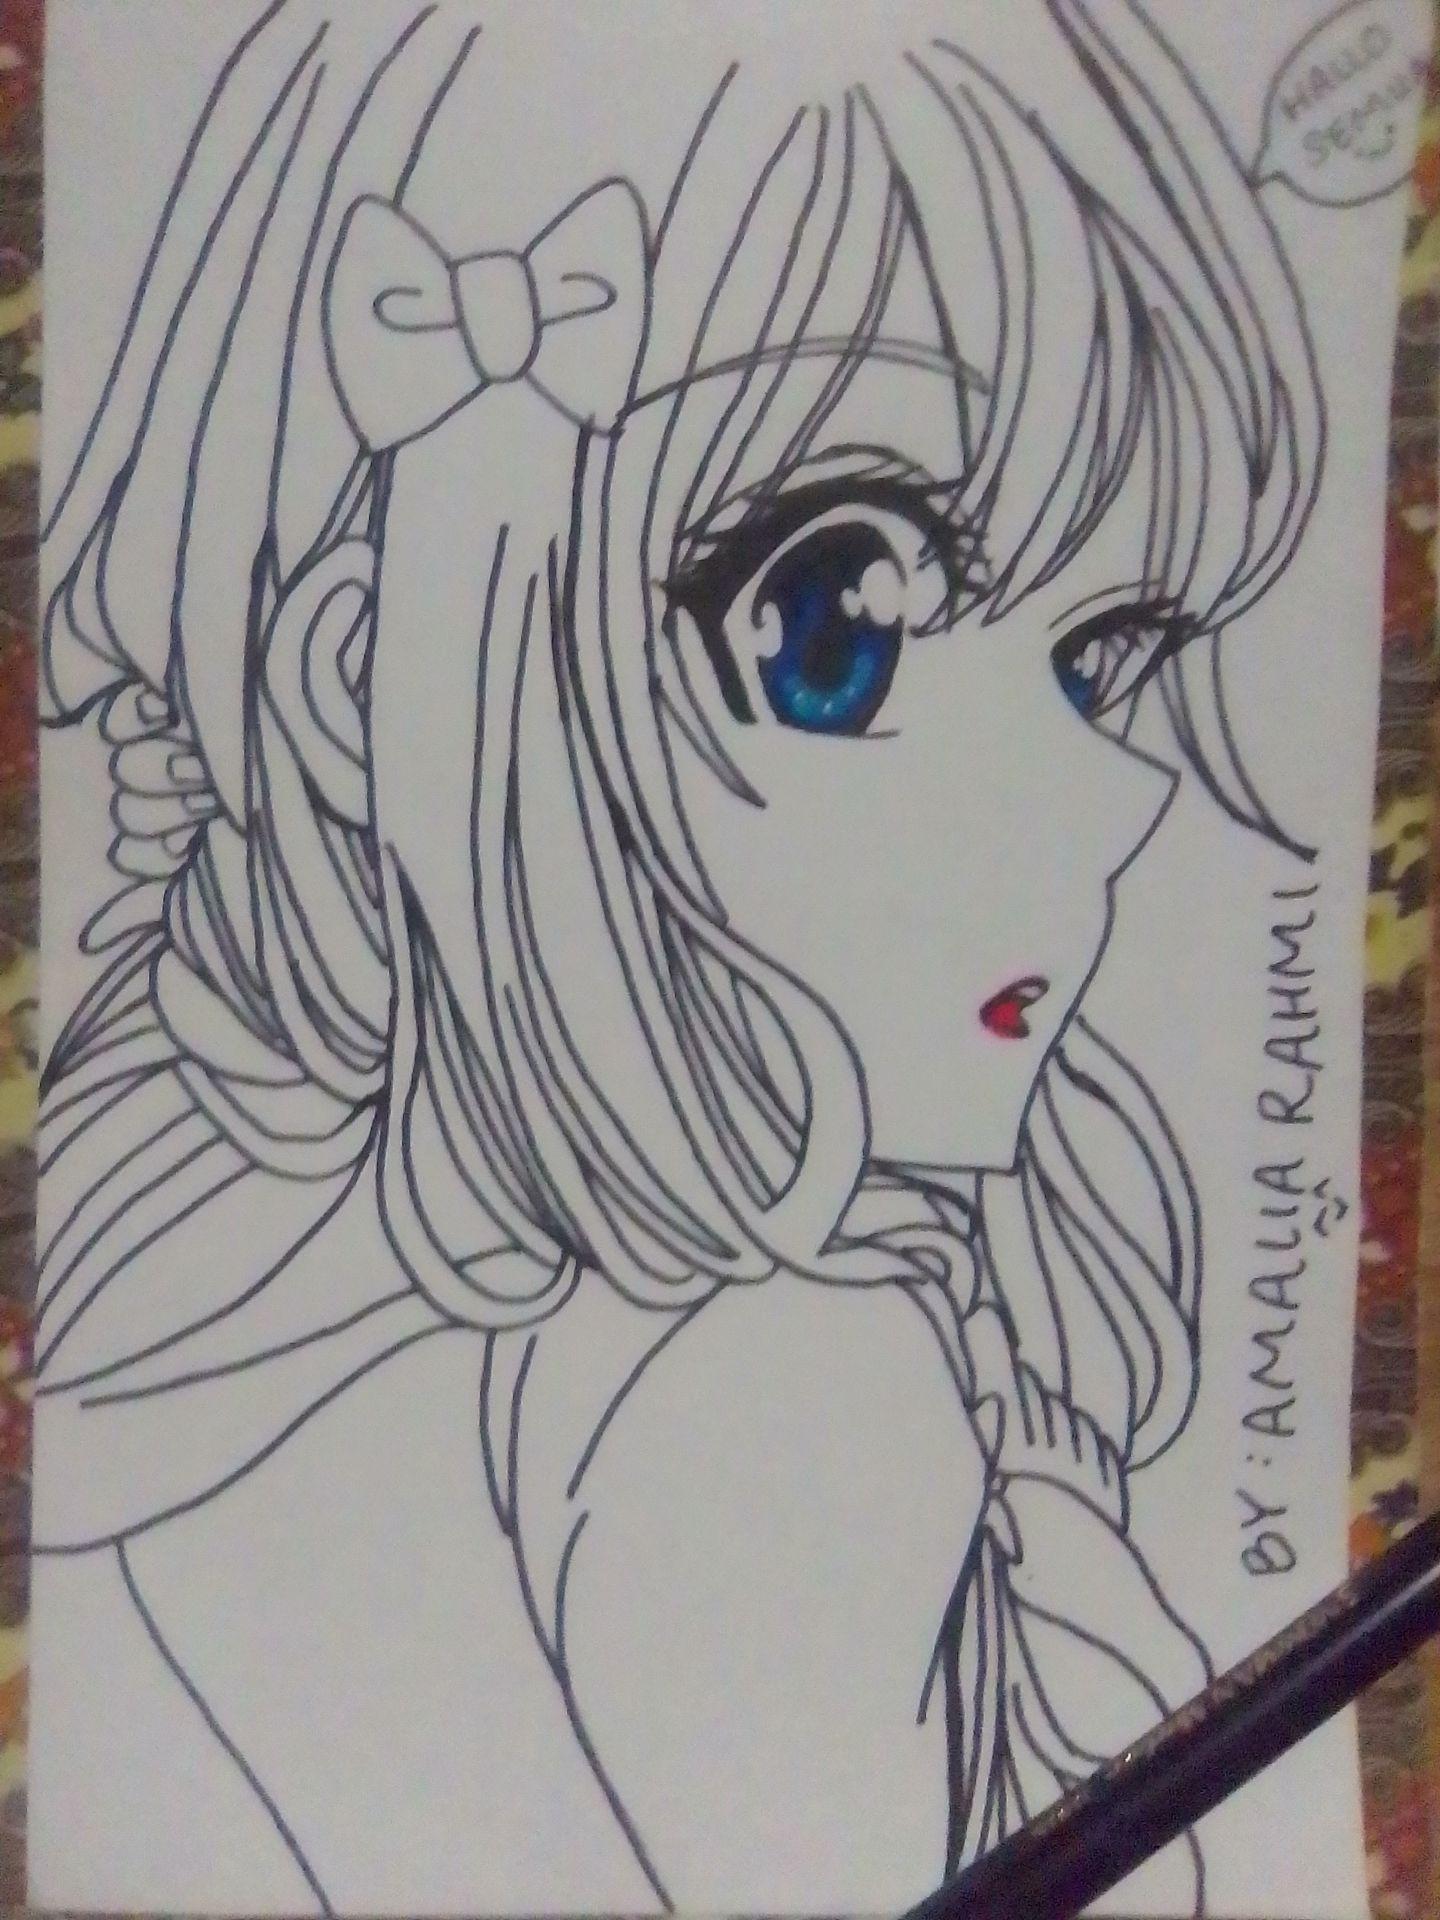 Hallo author comeback dengan membawa gambaran anime yang baru selesai oke gambaran anime author yang belum di beri warna